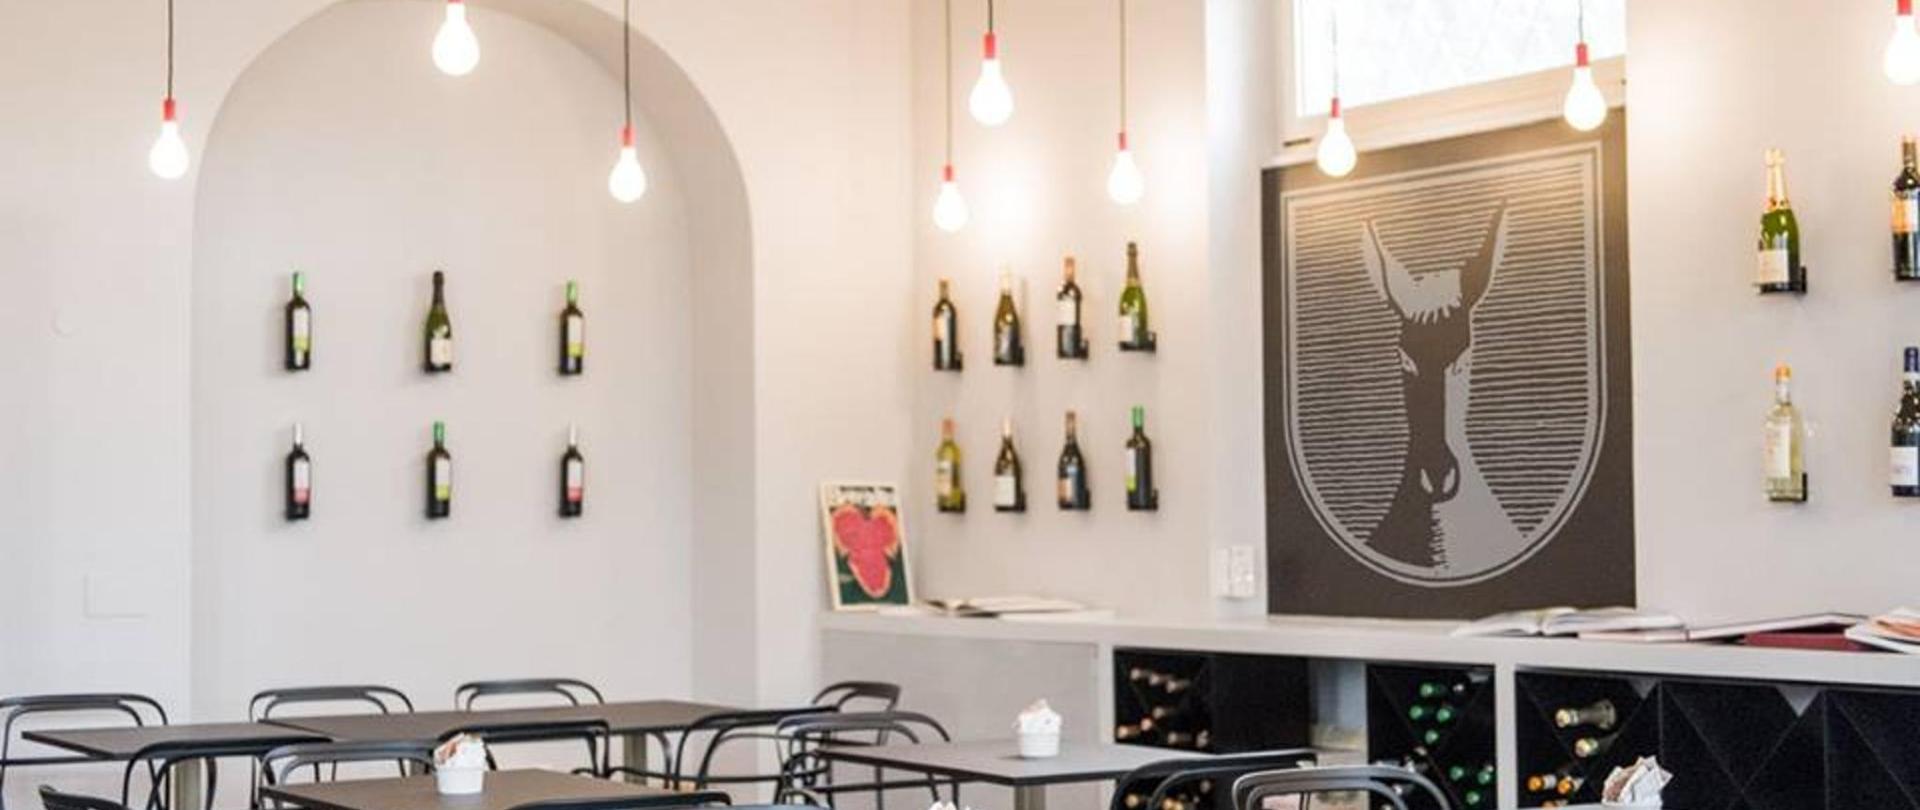 bar de vinos mus 2.jpg